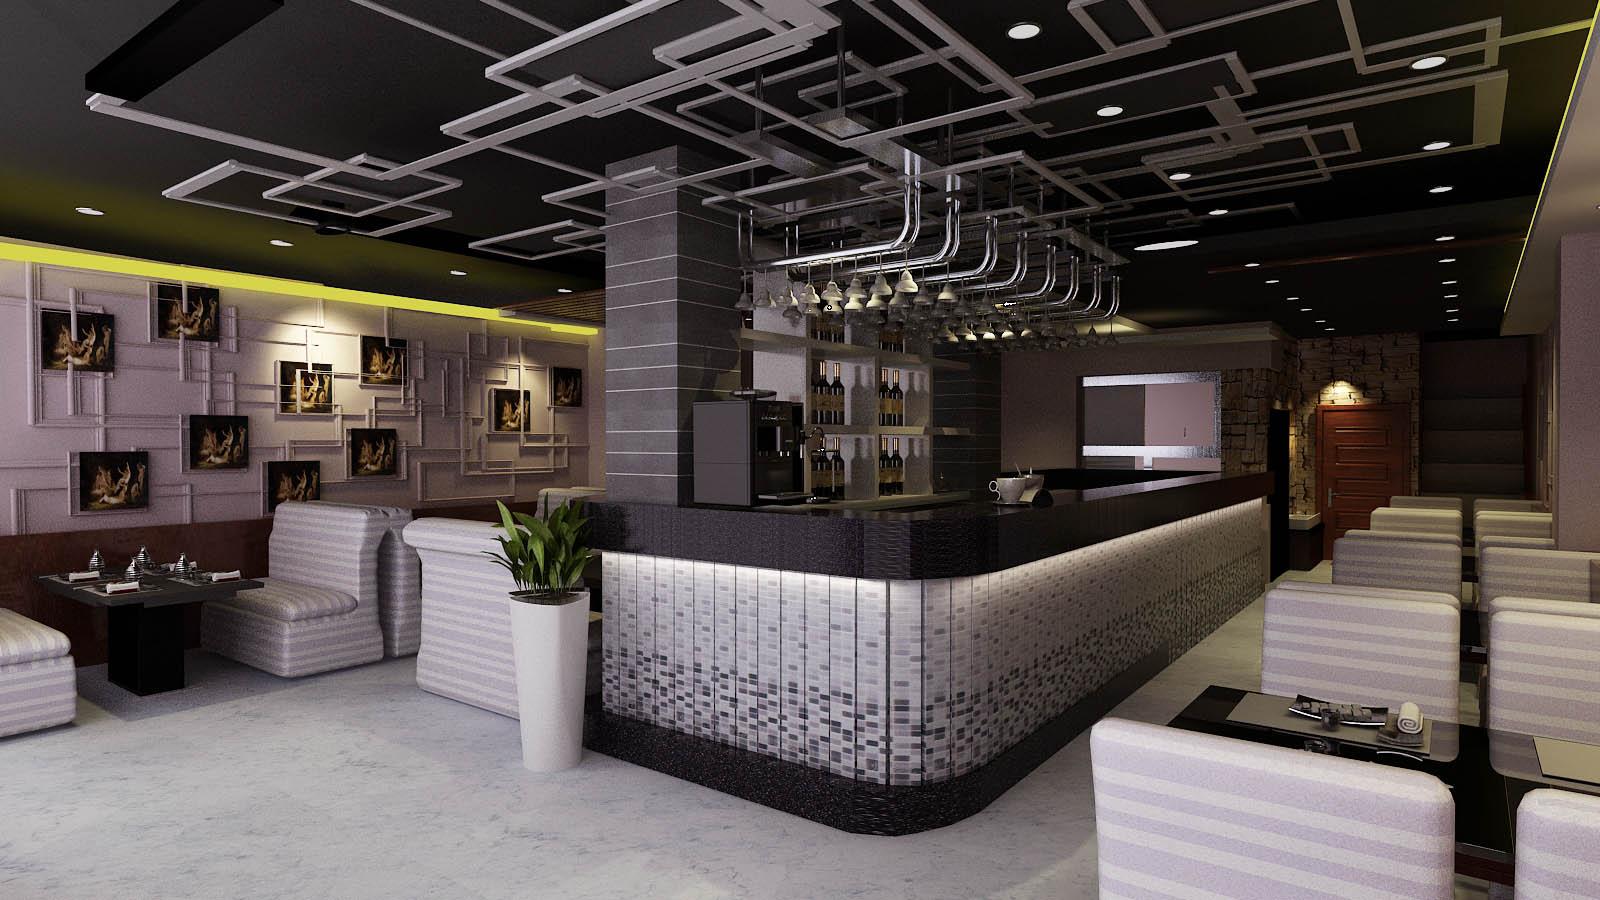 西餐厅设计_西餐厅设计平面图_西餐厅设计梦幻